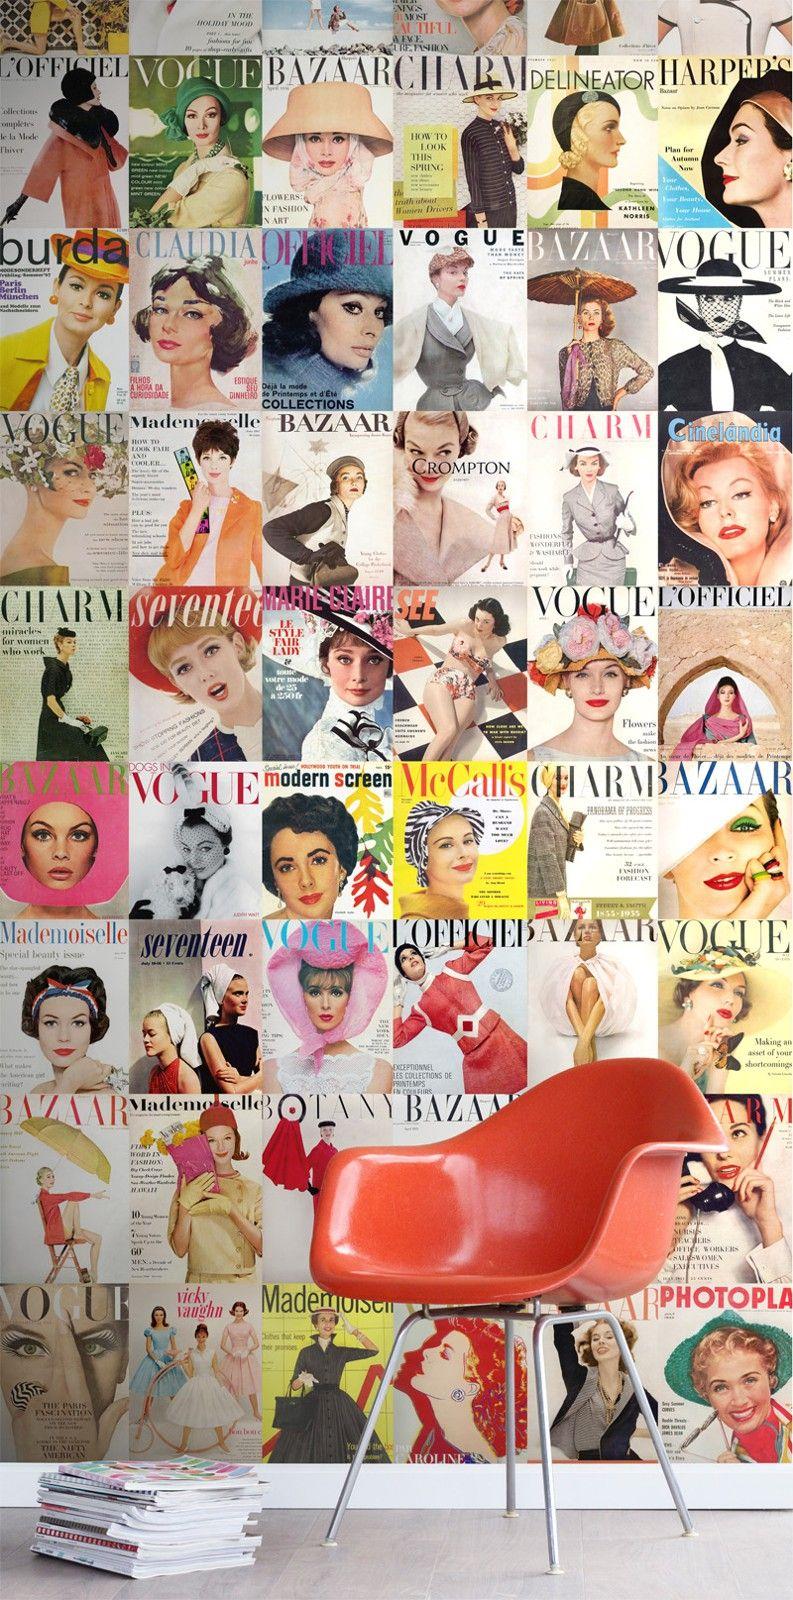 Estan Magazinecovers-paneelitapetti tuo palan muotinostalgiaa kotiin tai työhuoneelle! Menneiden vuosikymmenten muotilehtien kuten Voguen ja Bazaarin kannet ovat tämän näyttävän tapetin aiheena.